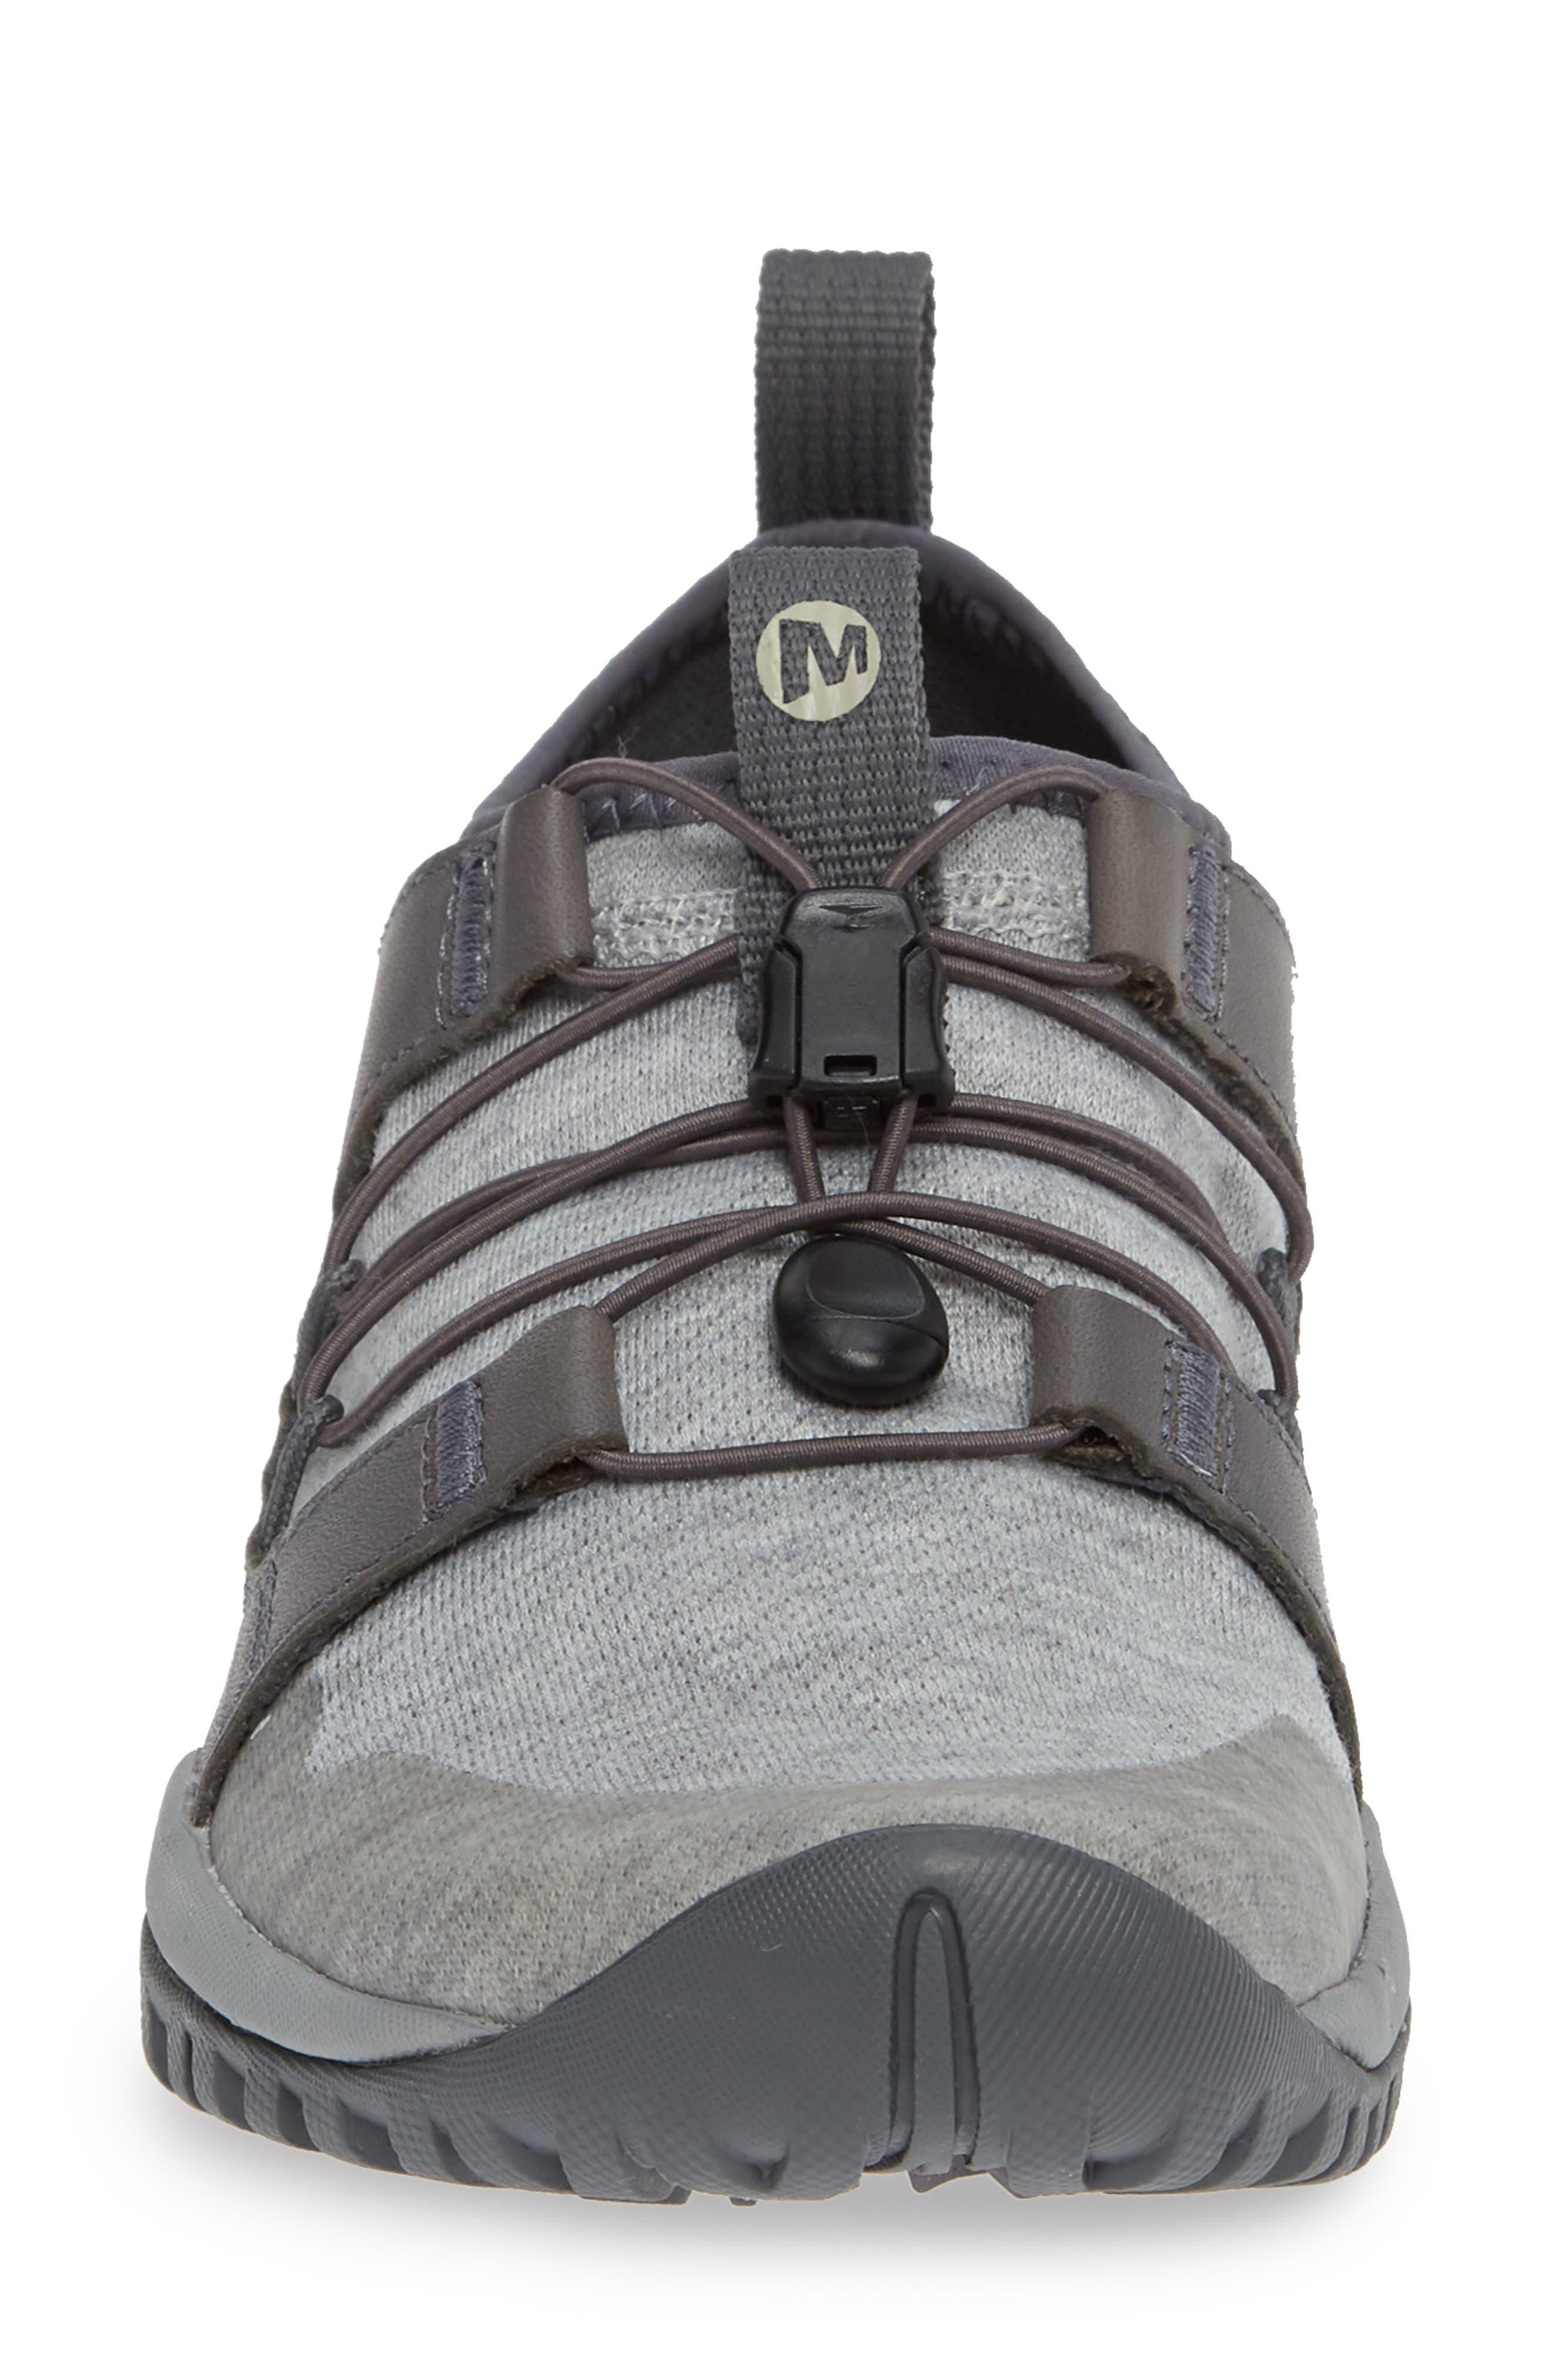 MERRELL, Siren Guided Knit Q2 Sneaker, Alternate thumbnail 4, color, 050